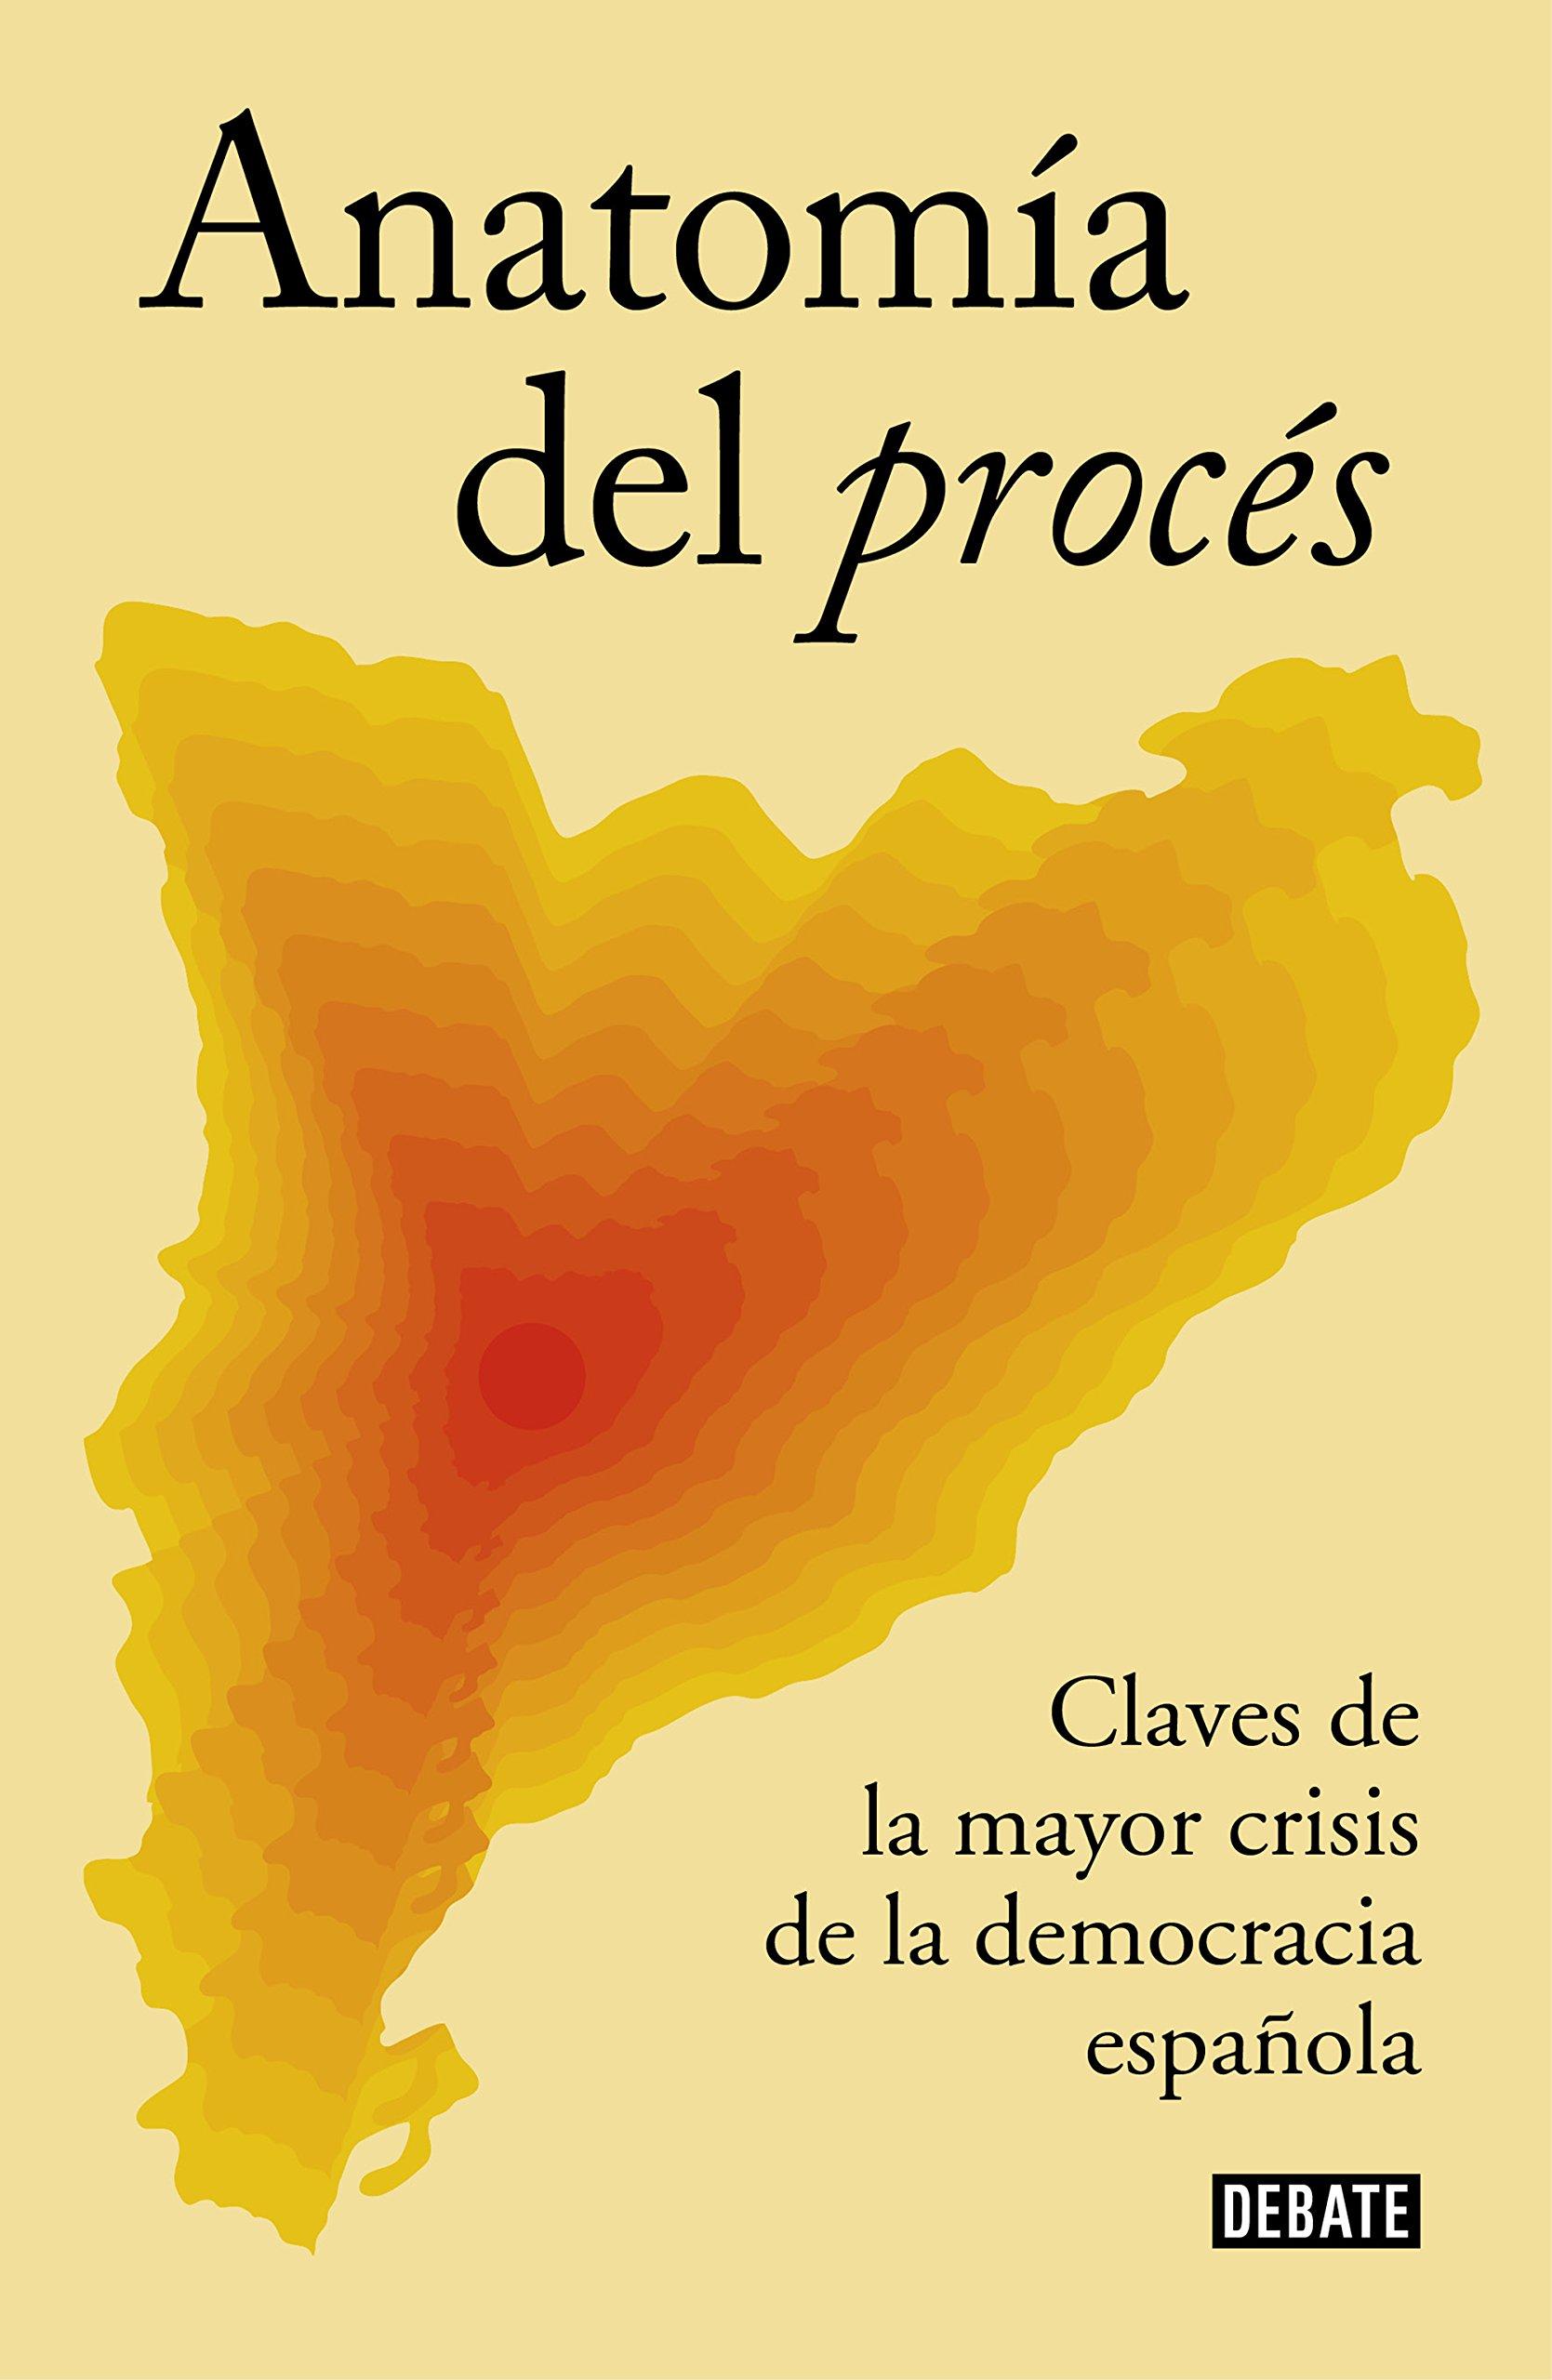 Anatomía del procés: Claves de la mayor crisis de la democracia española (POLÍTICA) Tapa blanda – 6 sep 2018 Varios autores DEBATE 8499929087 POLITICAL SCIENCE / General